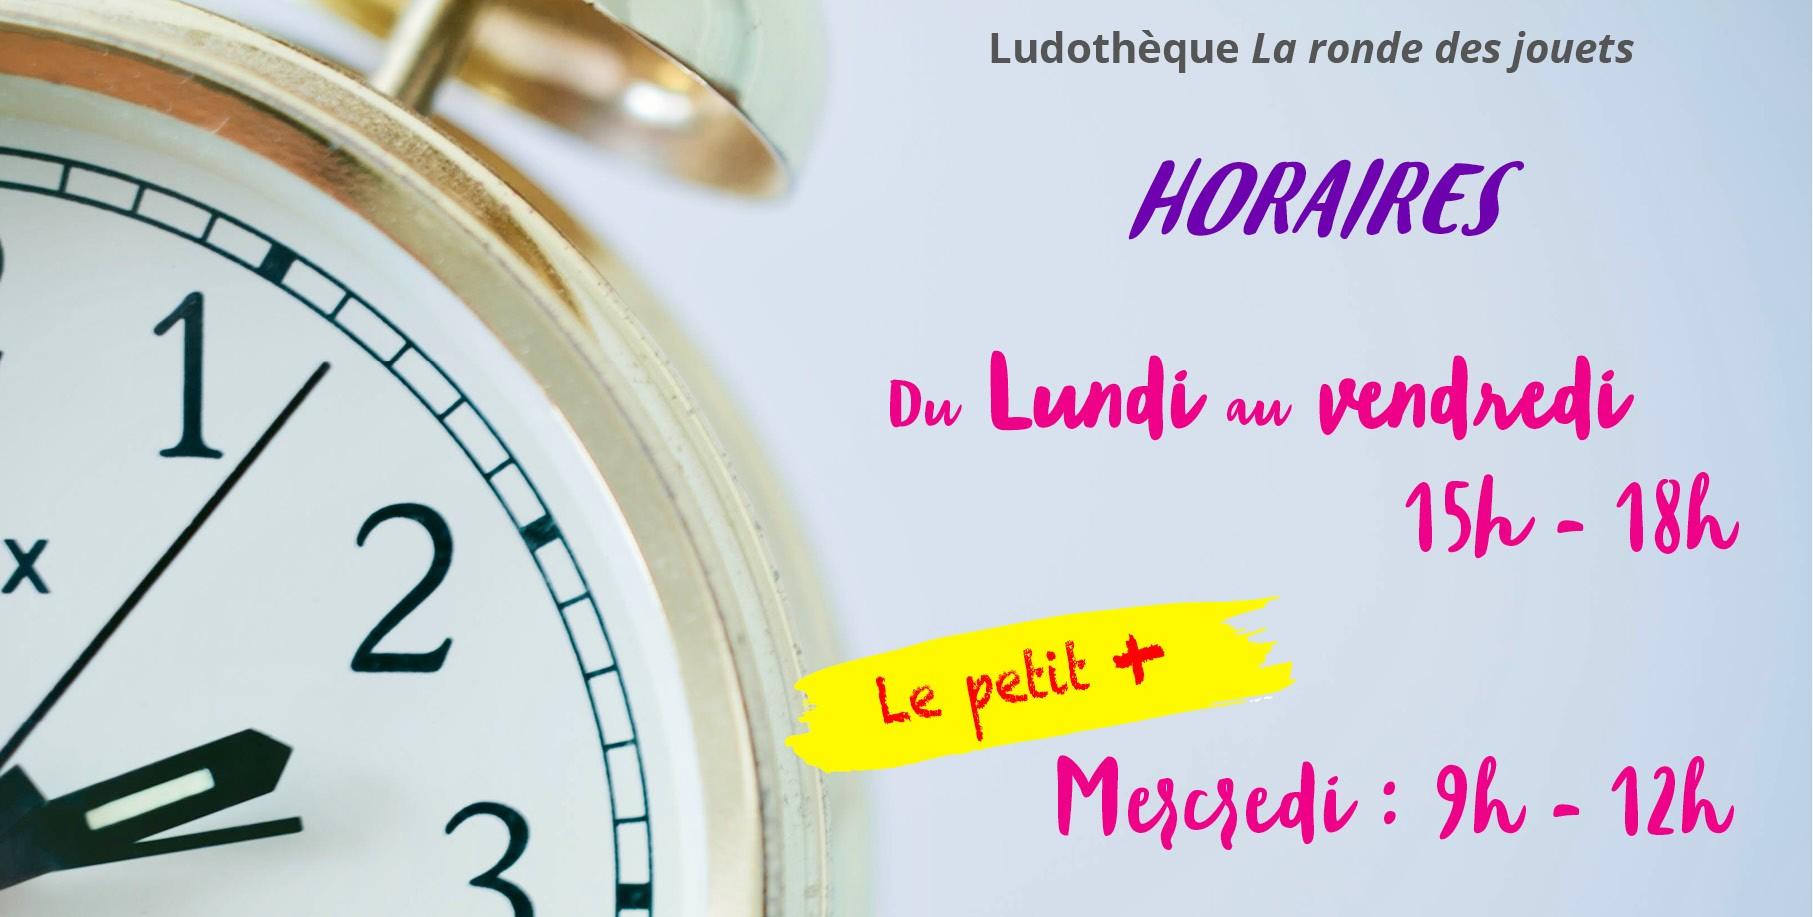 Publicité horaires Ludothèque